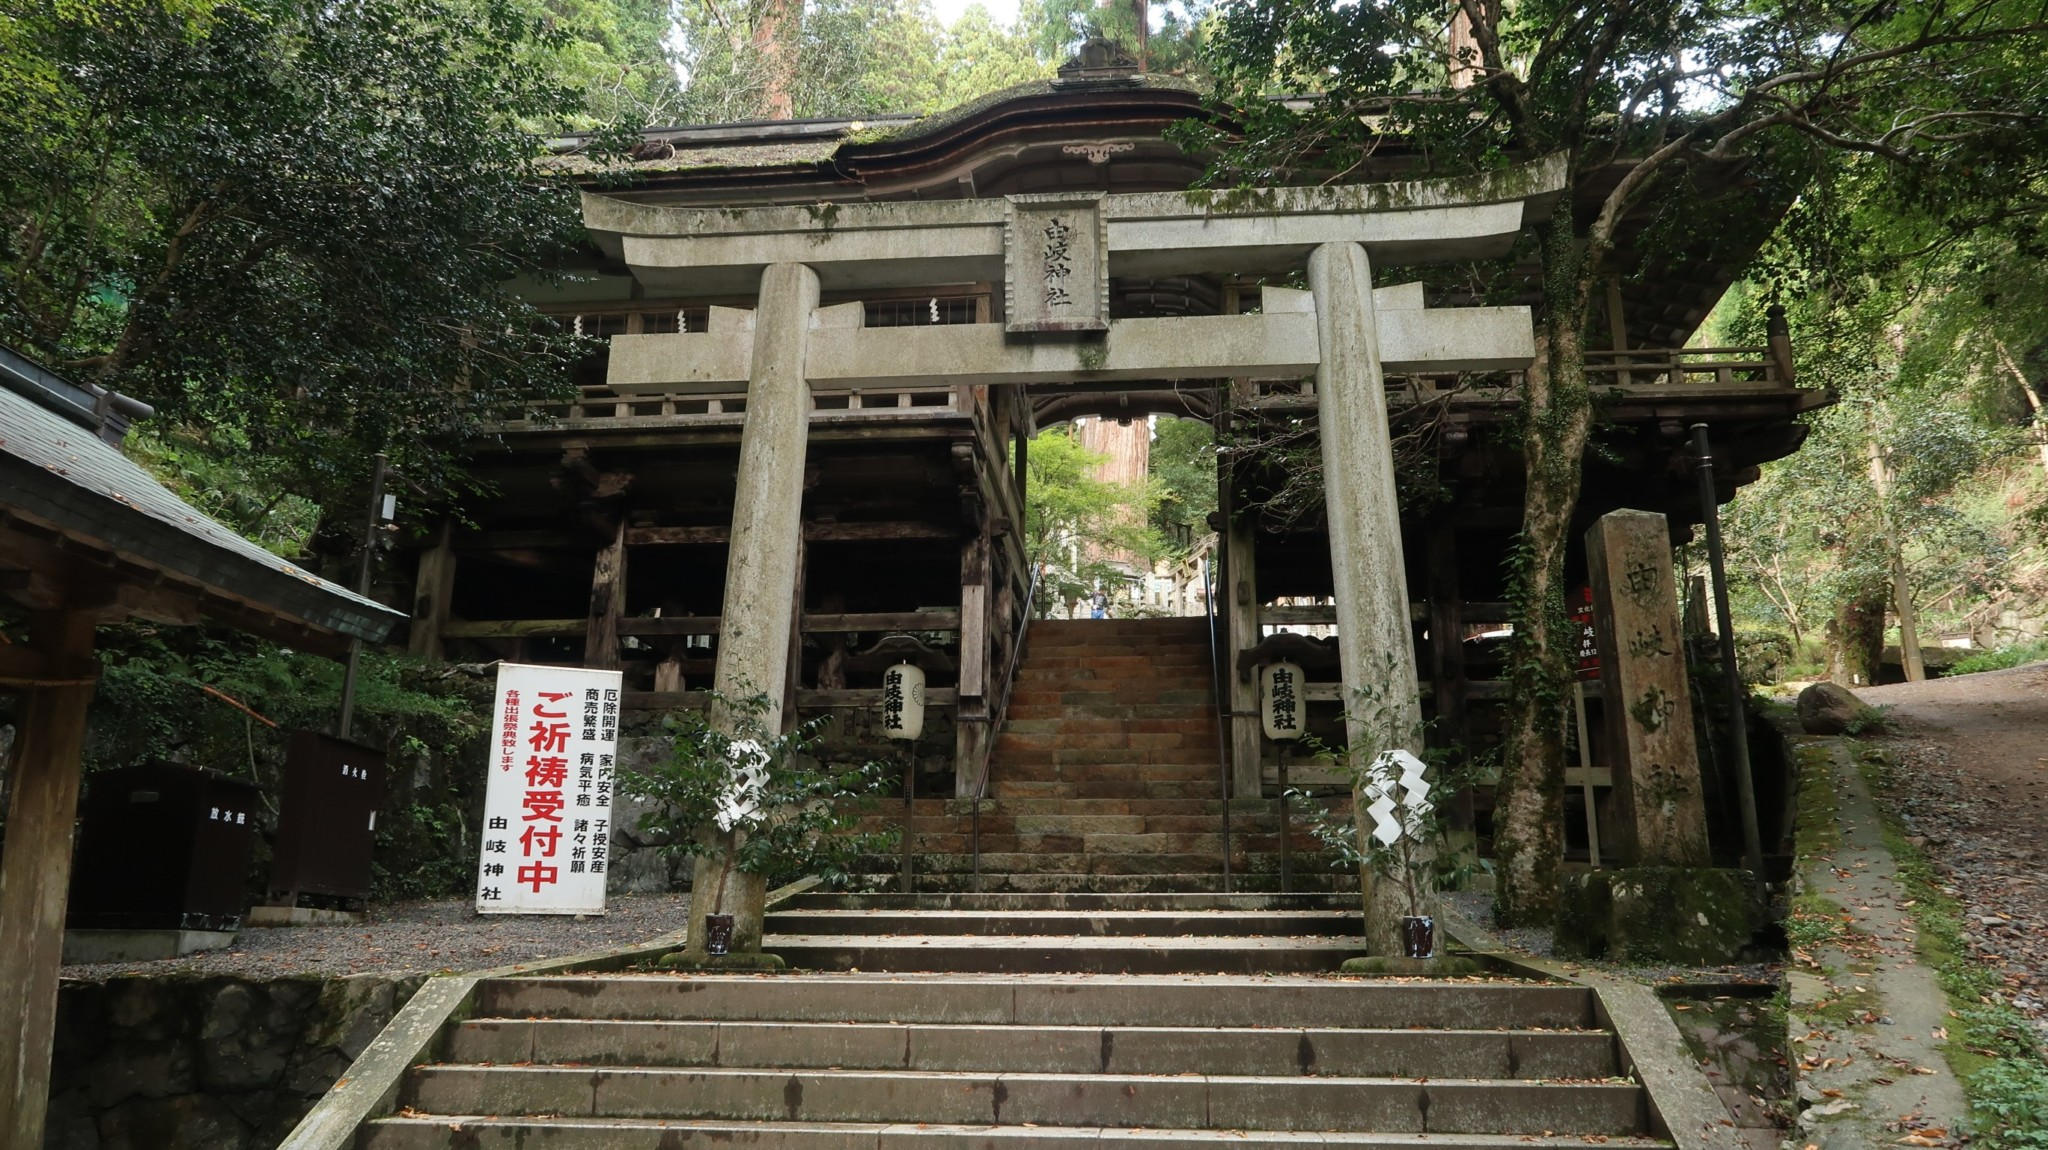 Tempelanlagen, etwas ausserhalb von Kyoto